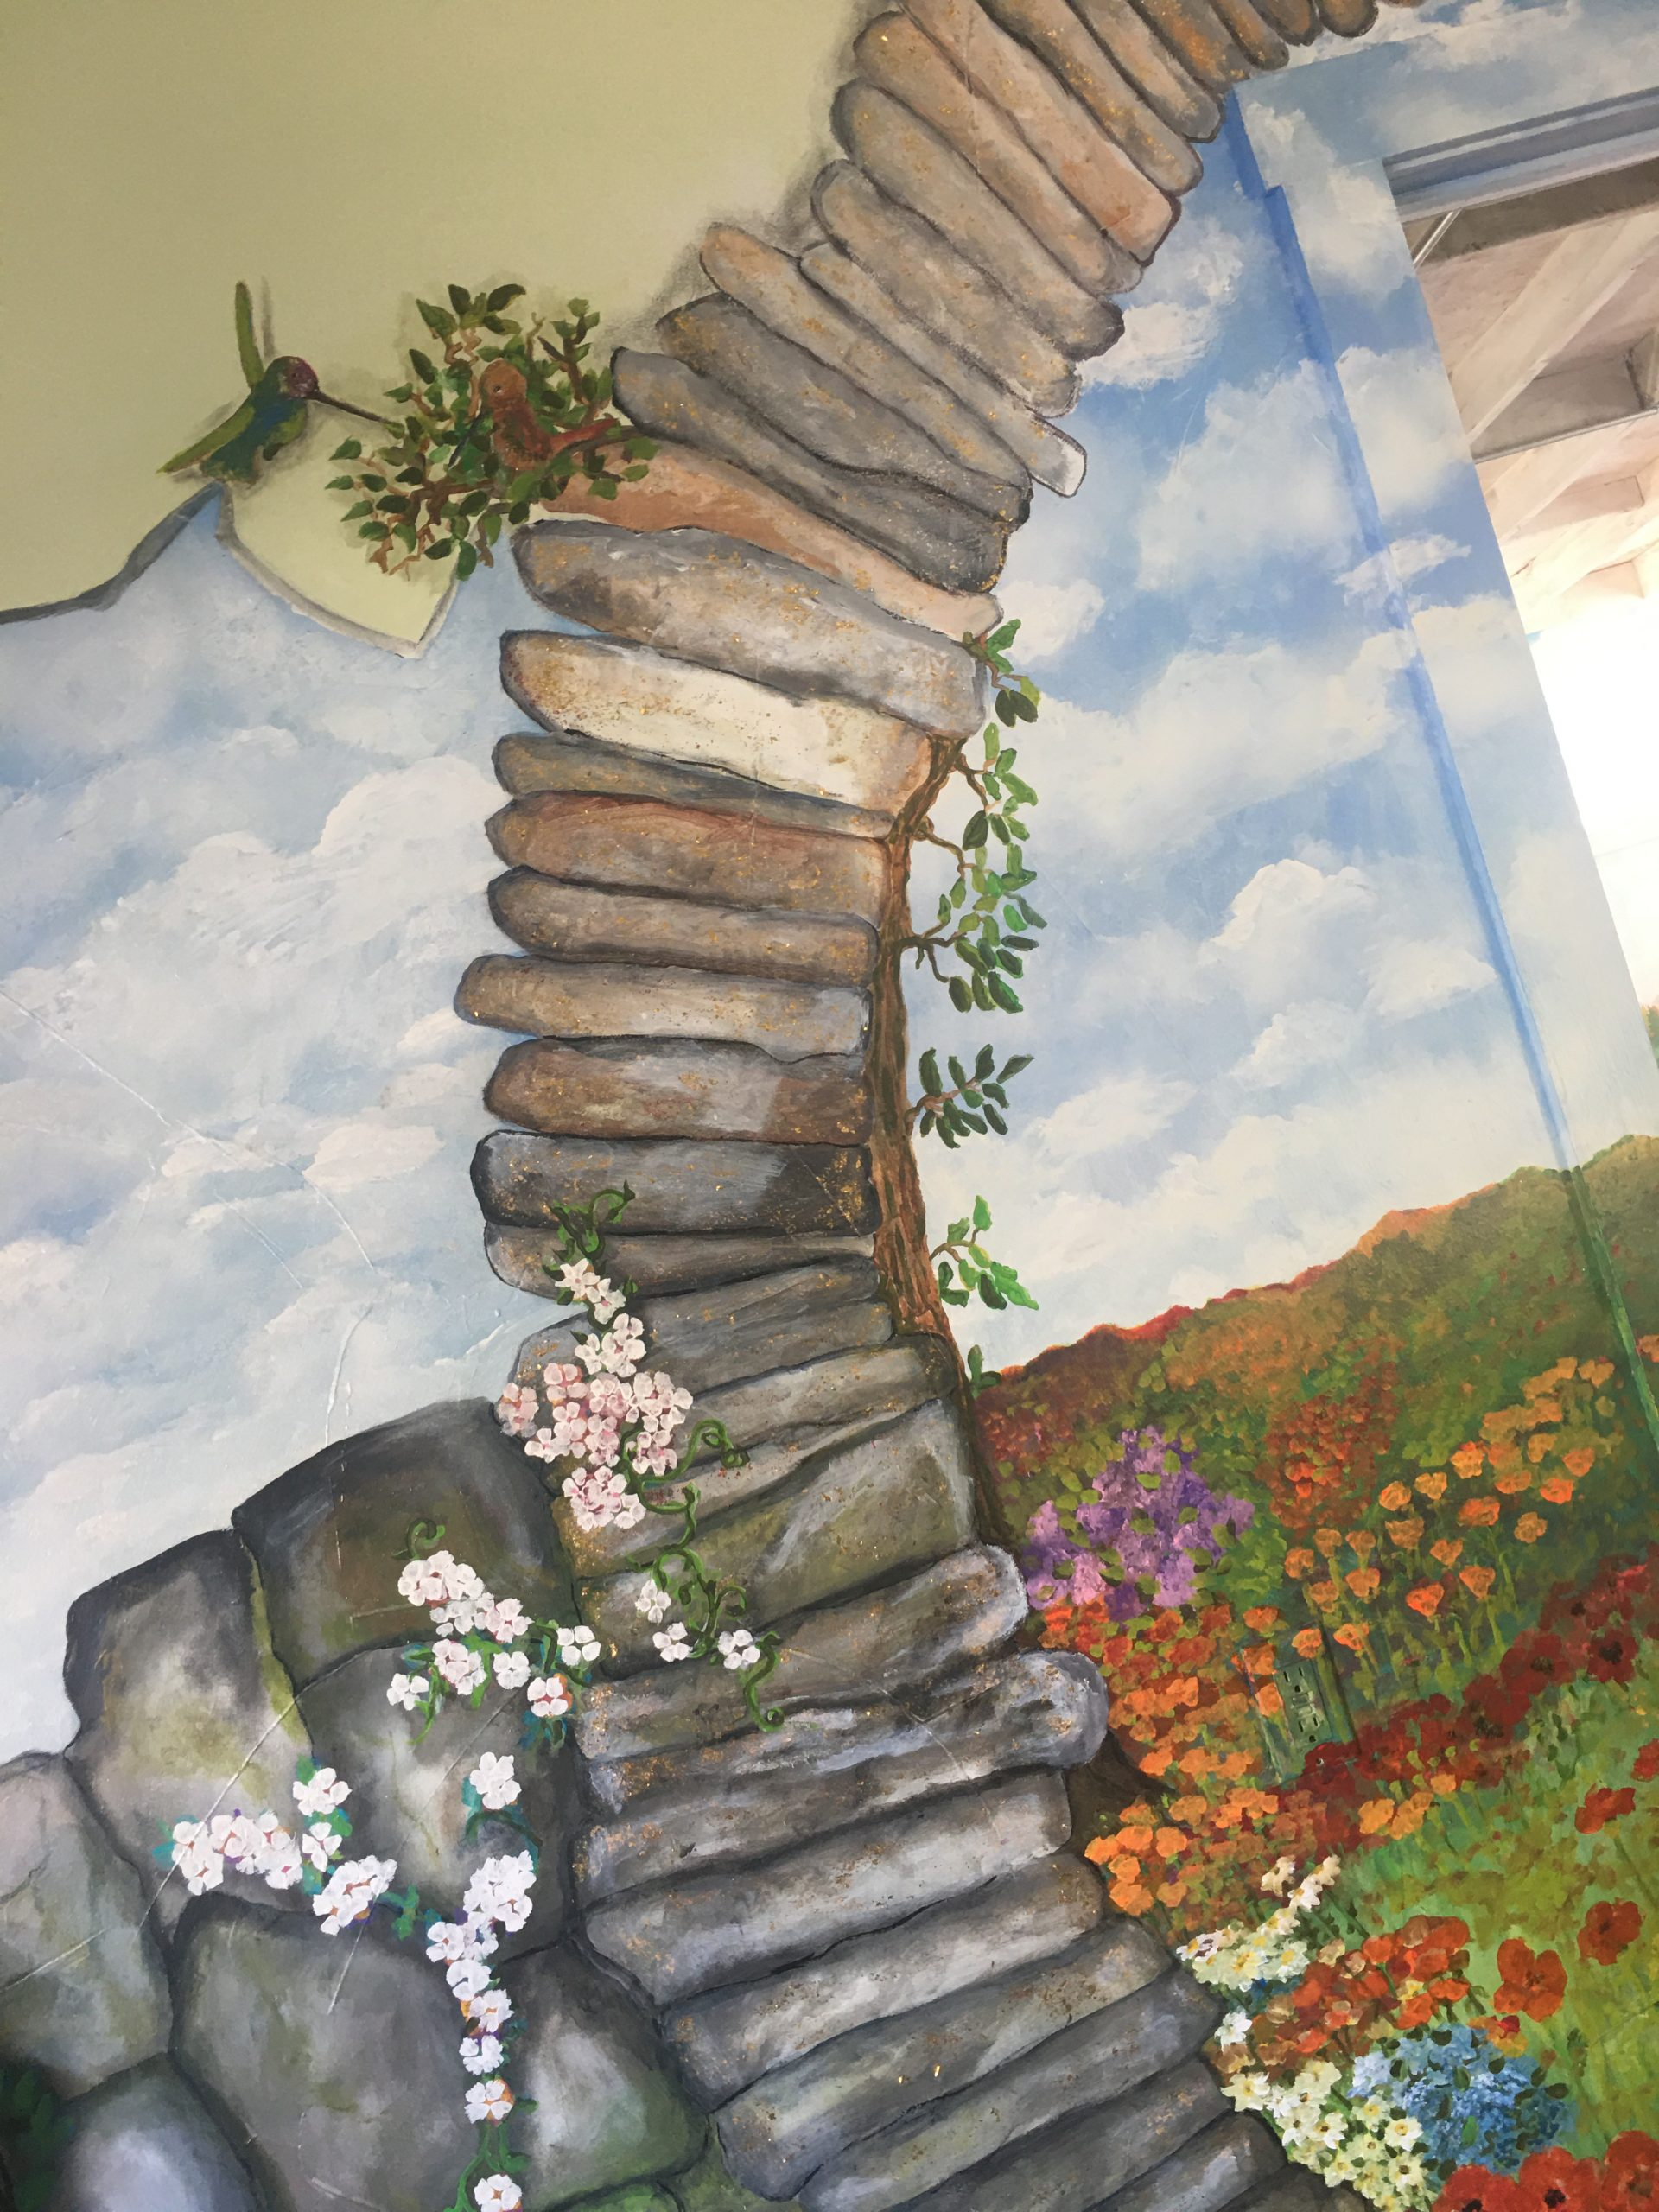 Joyful Heart Garden Center